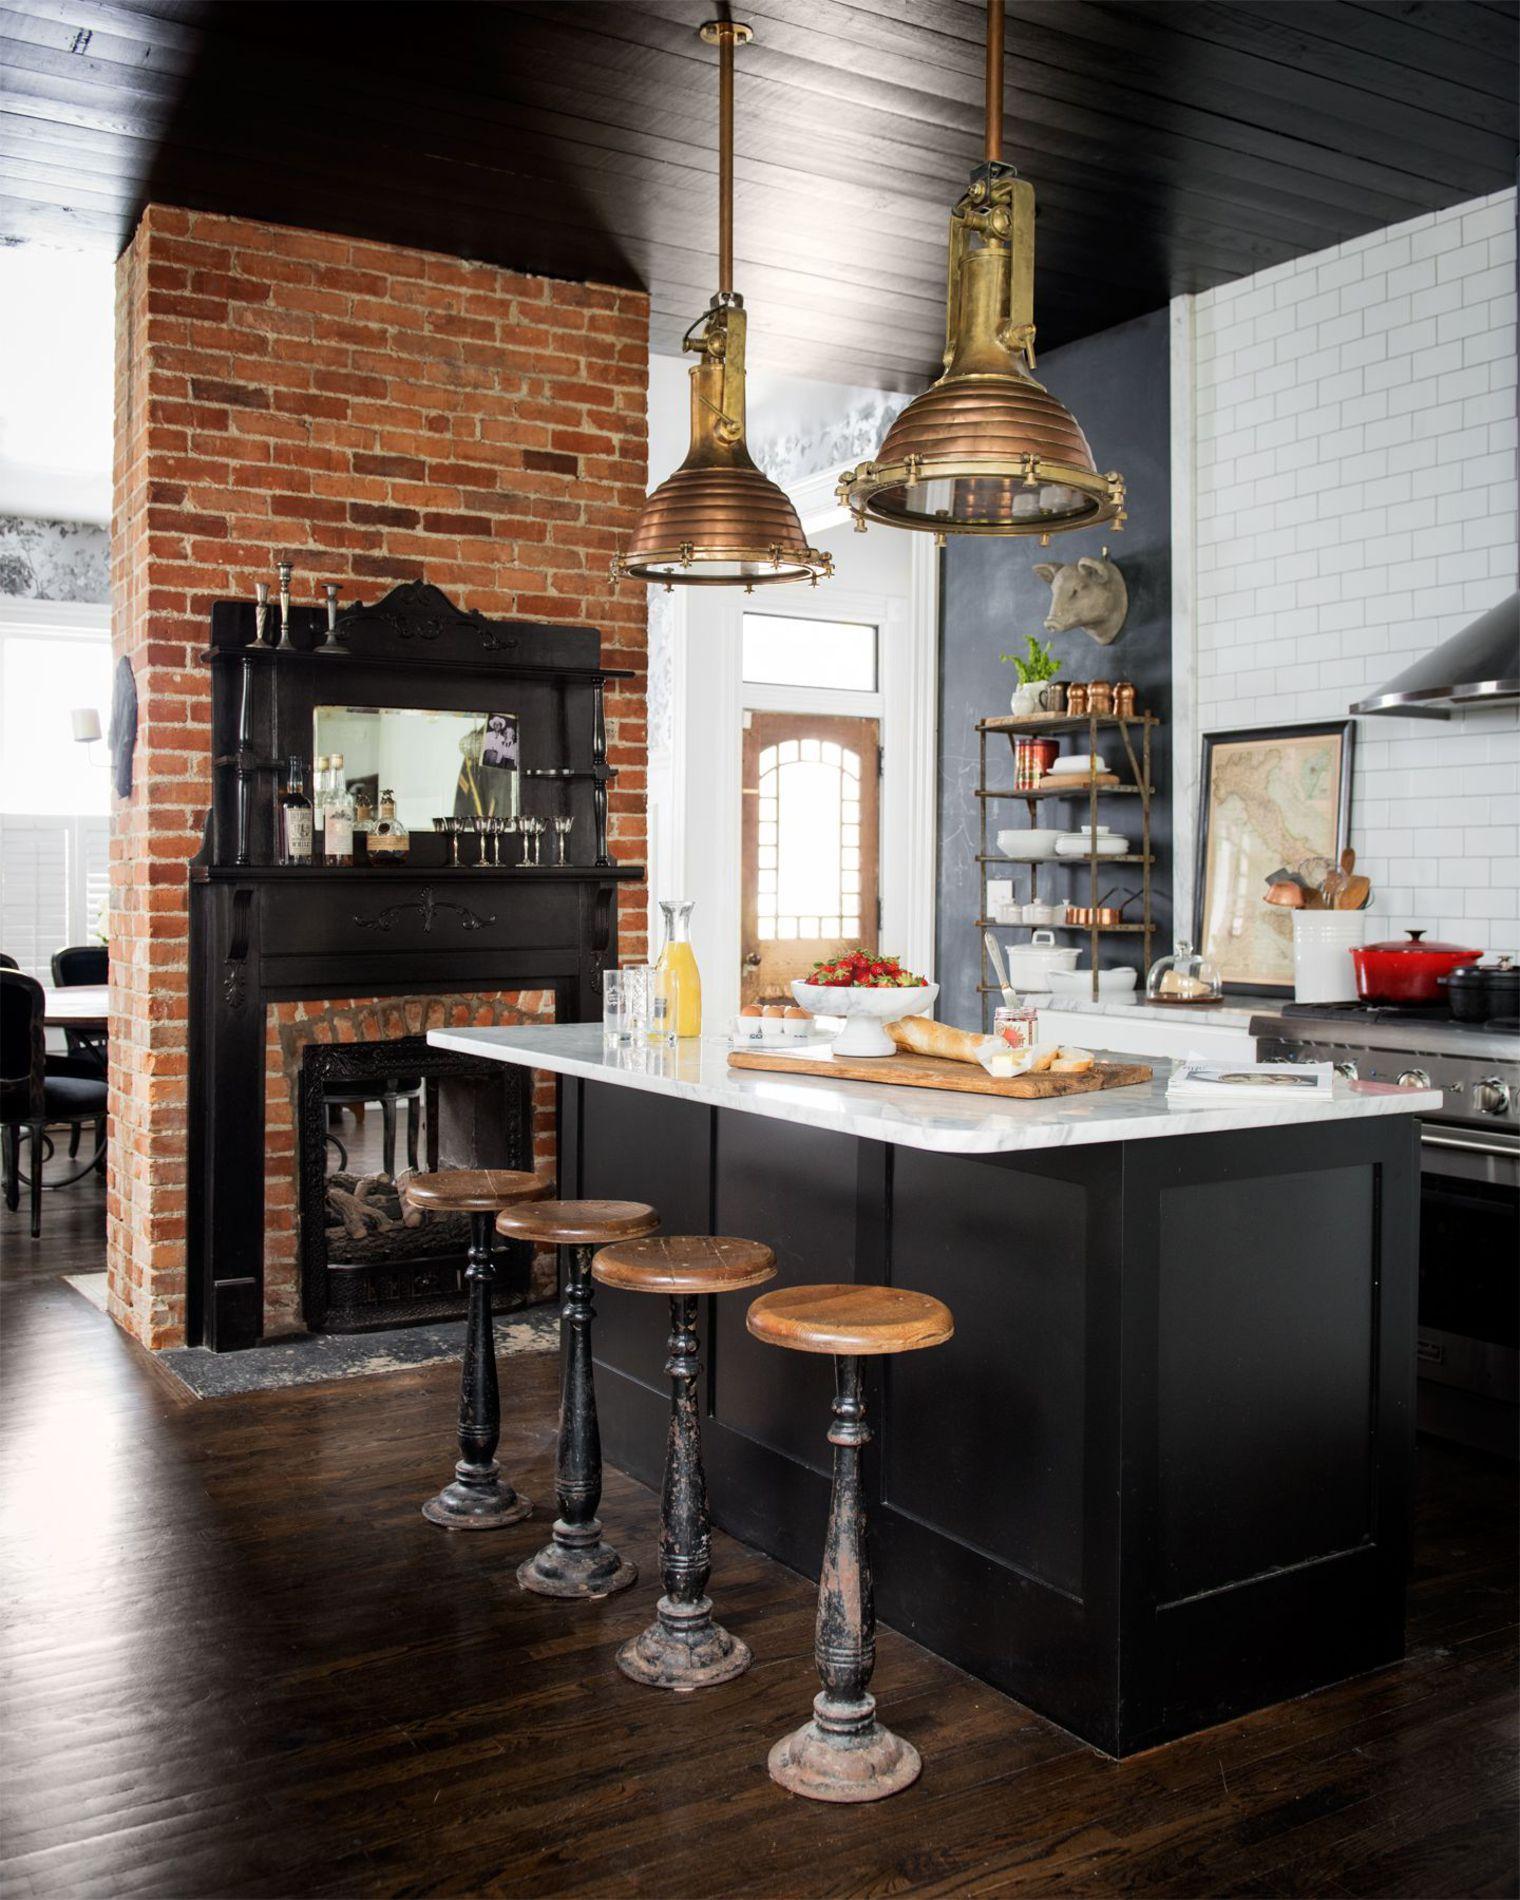 Deco cuisine bistrot : 18 idées déco  Cuisine bistrot, Cuisines